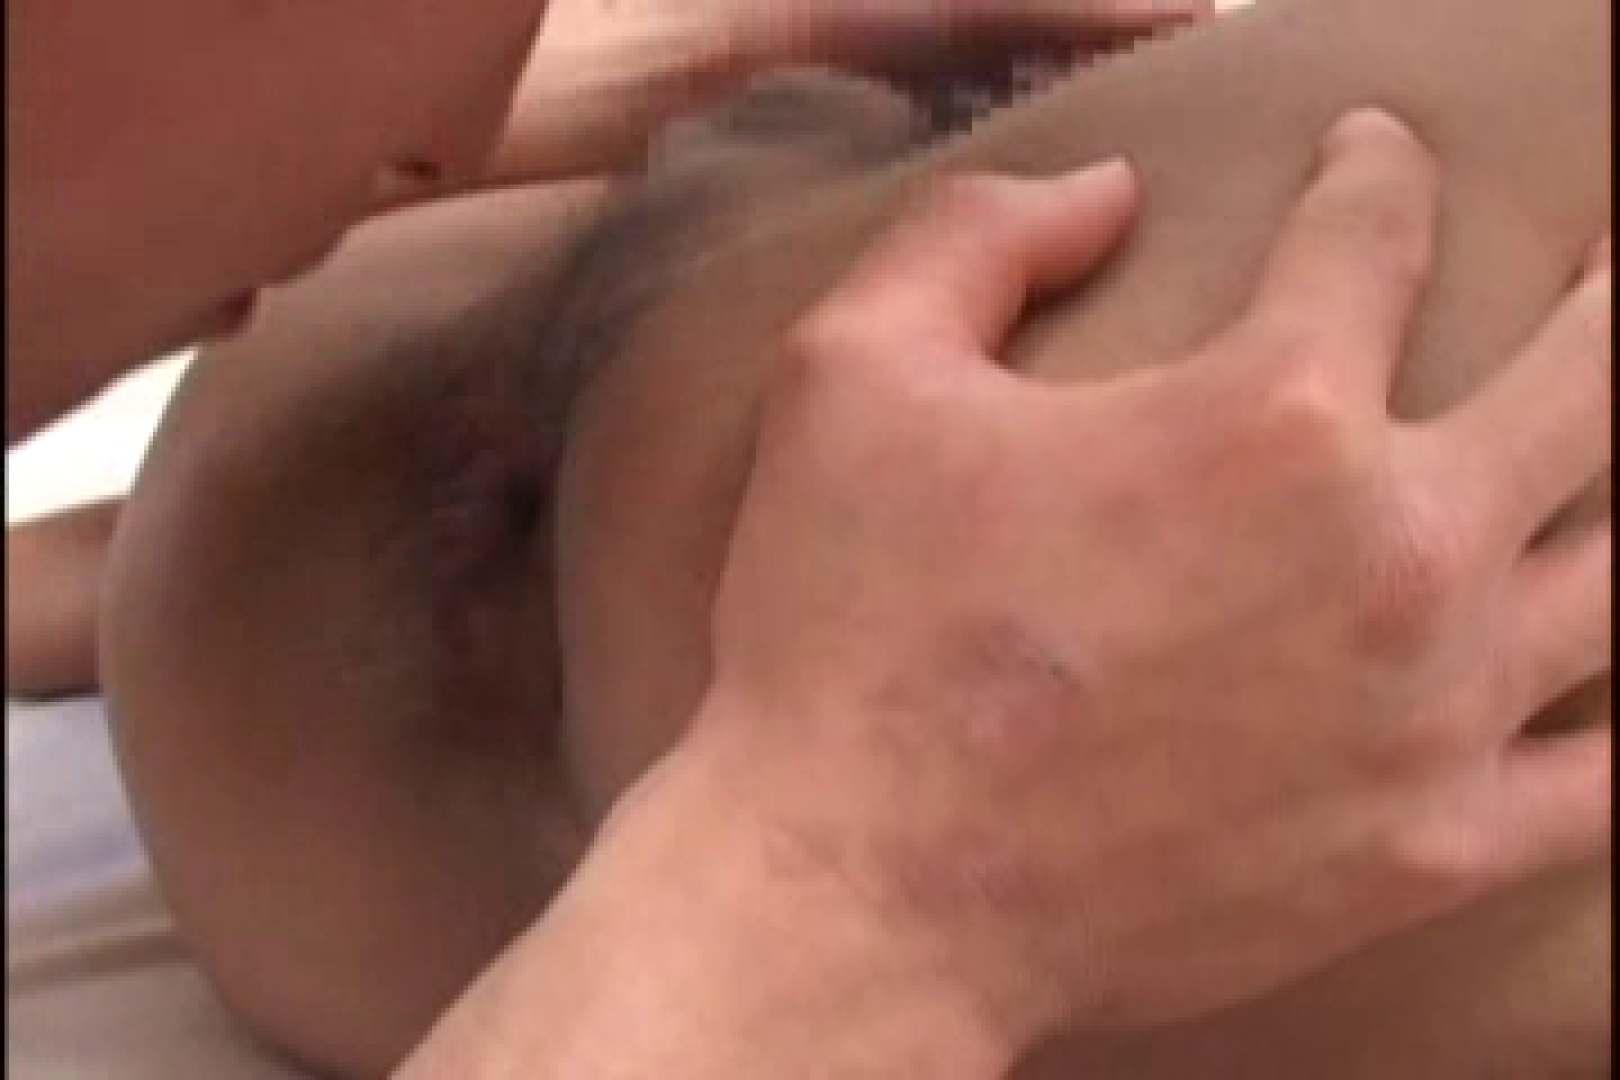 大集合!!カッコ可愛いメンズの一穴入根!! vol.12 お手で! ゲイアダルトビデオ画像 90pic 83